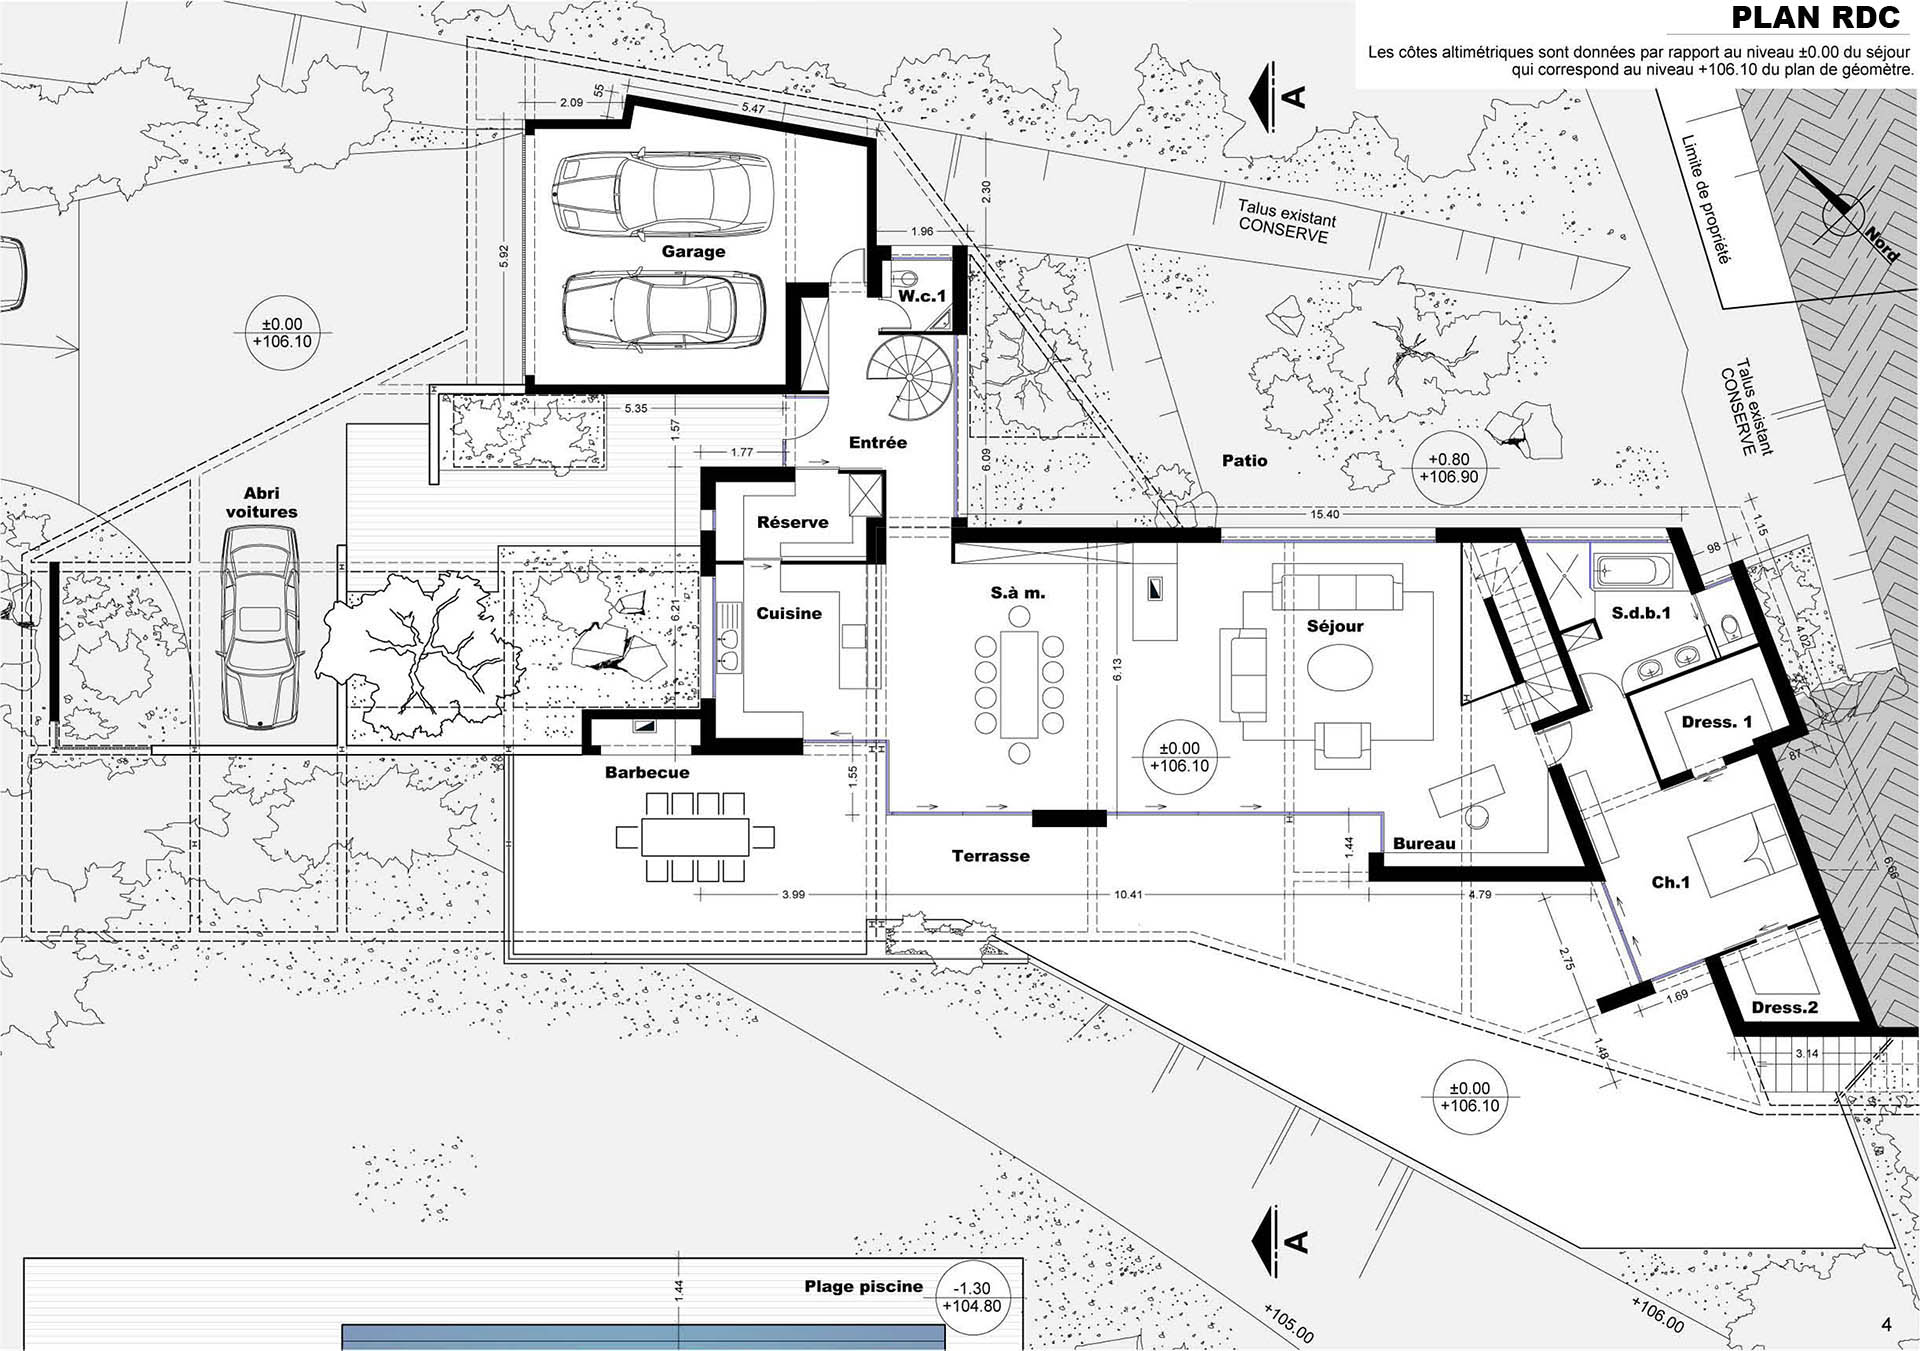 #486883 Architecte Gémenos Création D'une Maison 2899 plan architecture suite parentale 1920x1351 px @ aertt.com